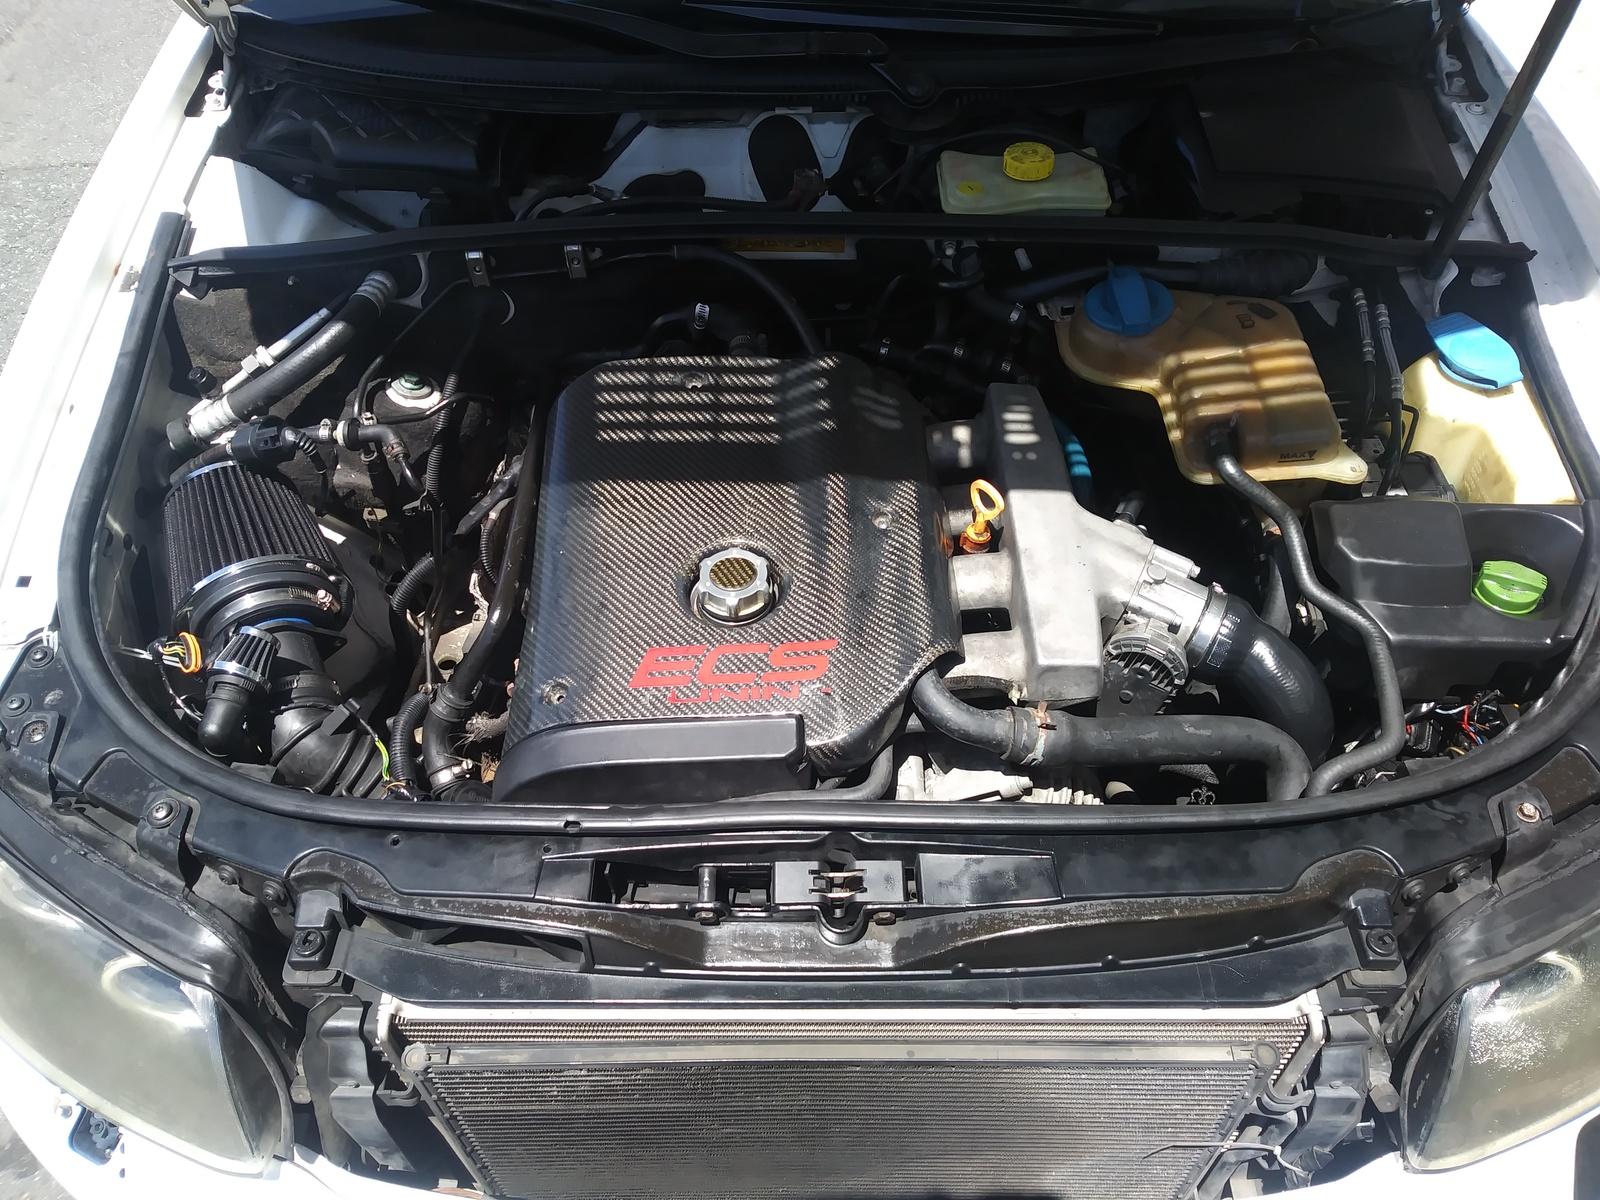 Audi A4 Questions - No accelerate - CarGurus